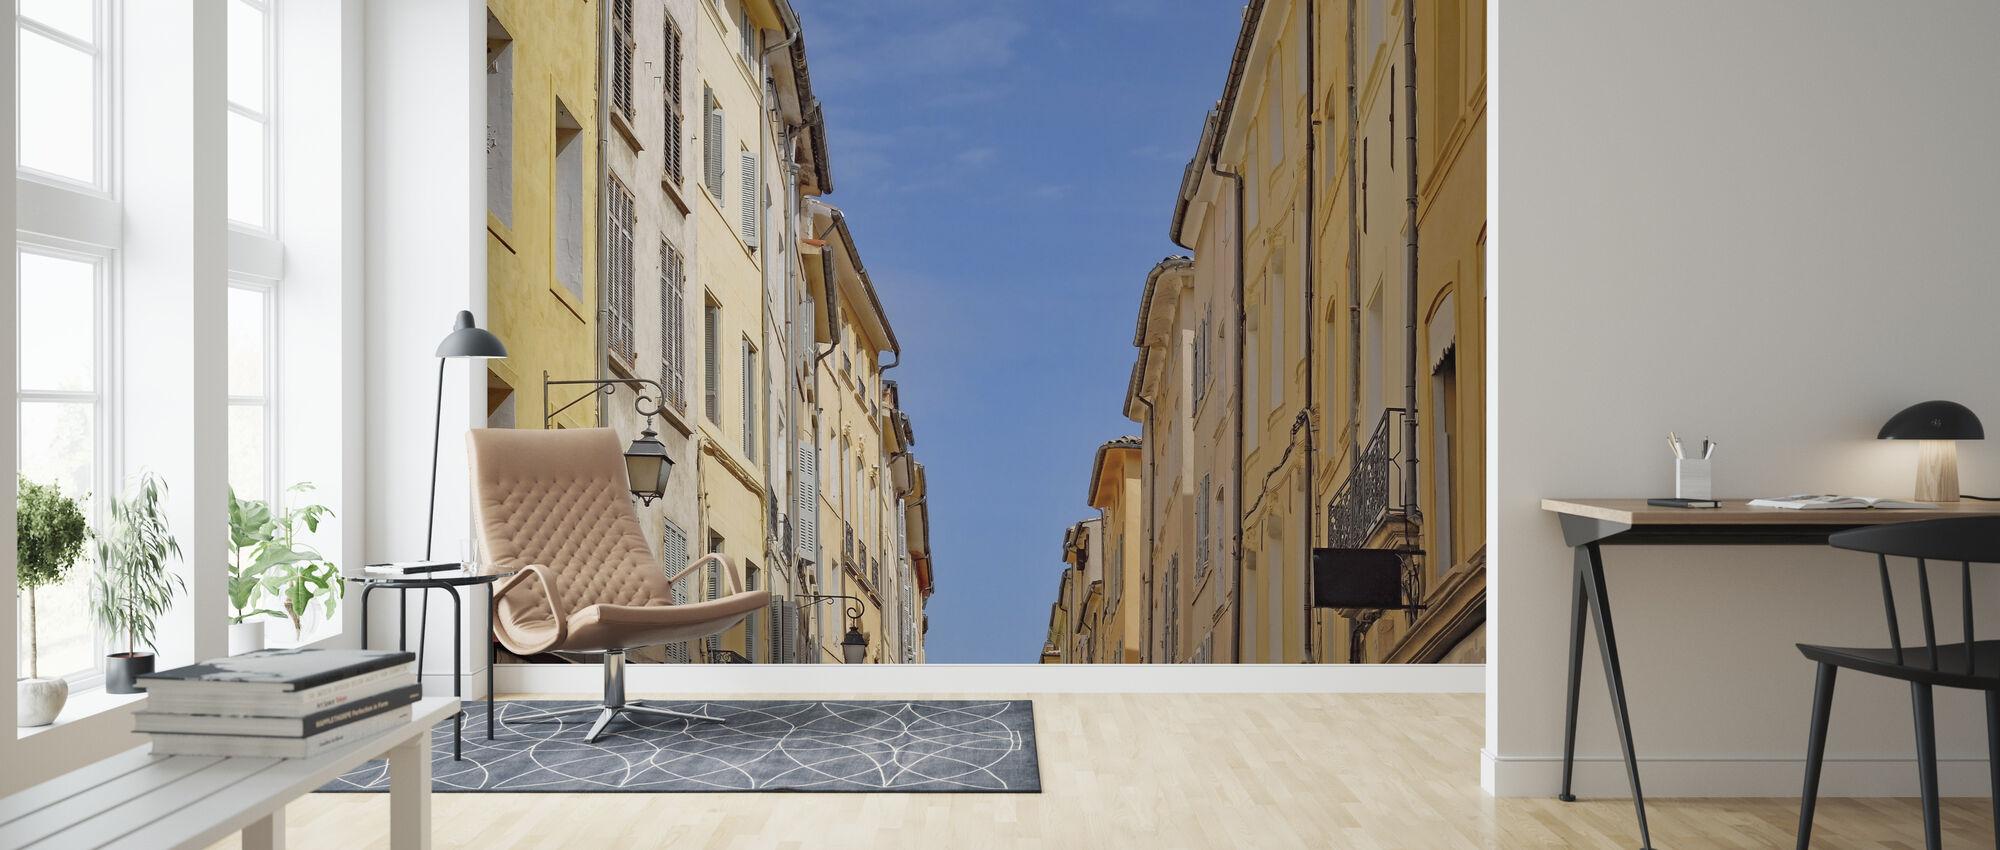 Street House - Wallpaper - Living Room